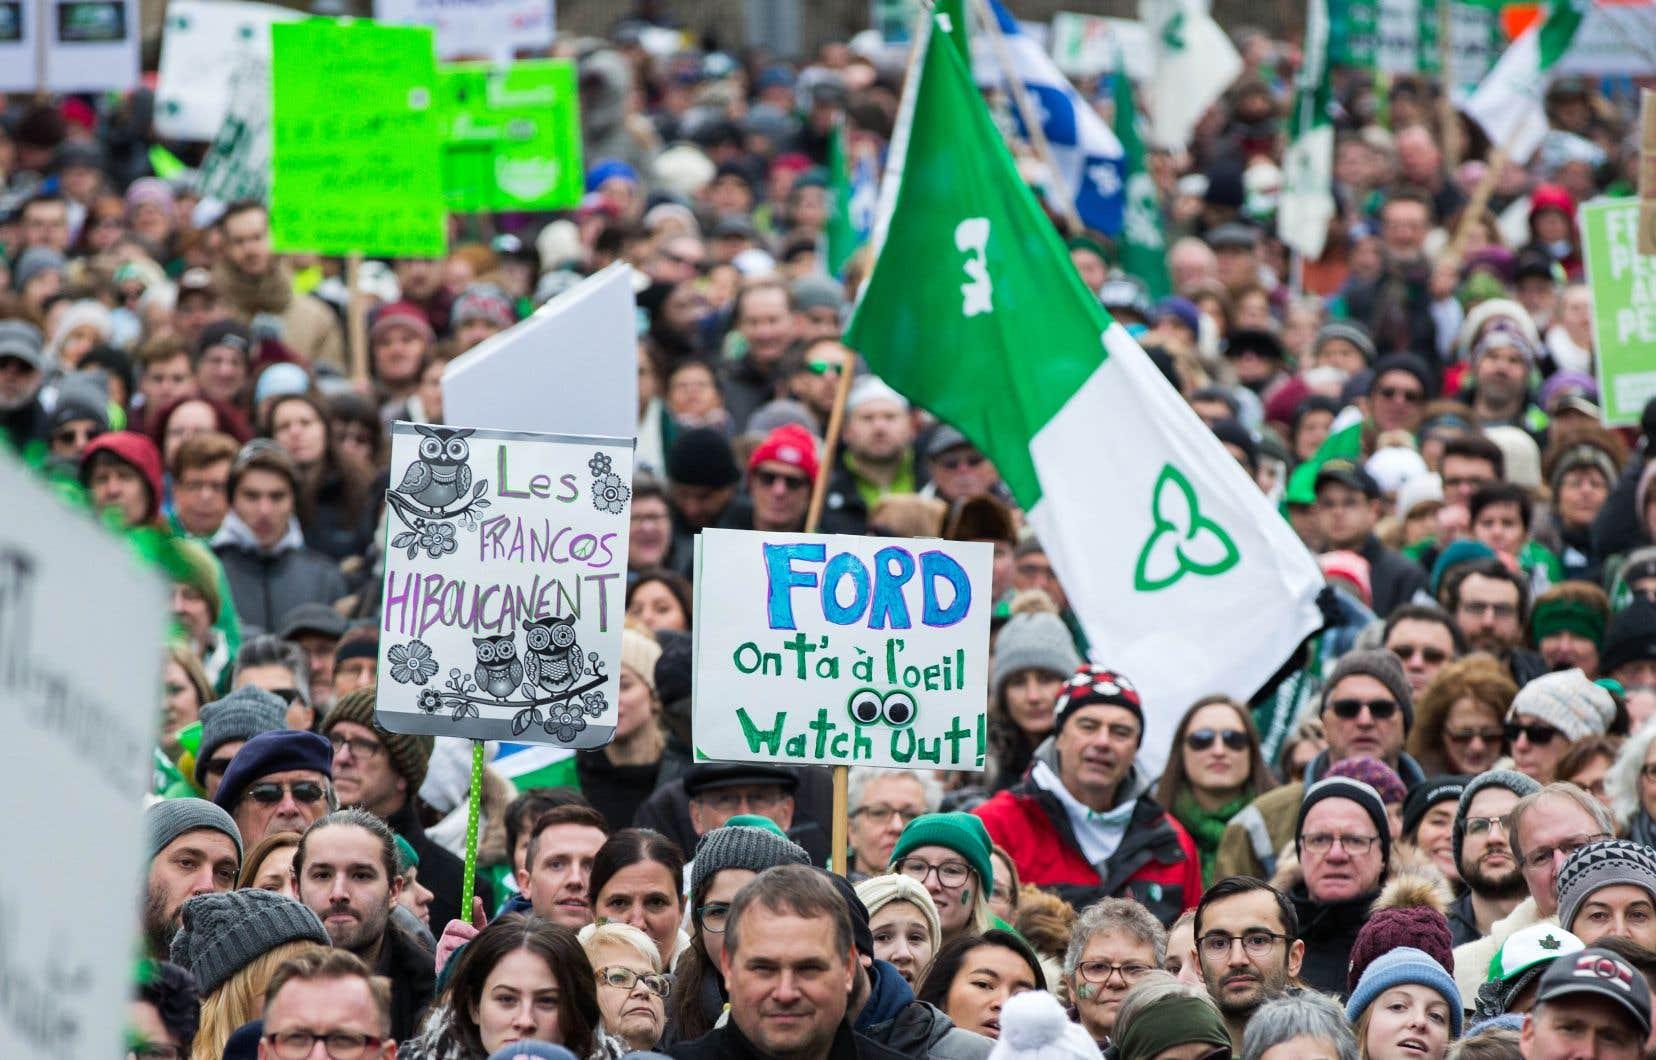 La région métropolitaine de Toronto, en particulier, ne compte que 41000 francophones en 2016 selon Laurendeau-Dunton.